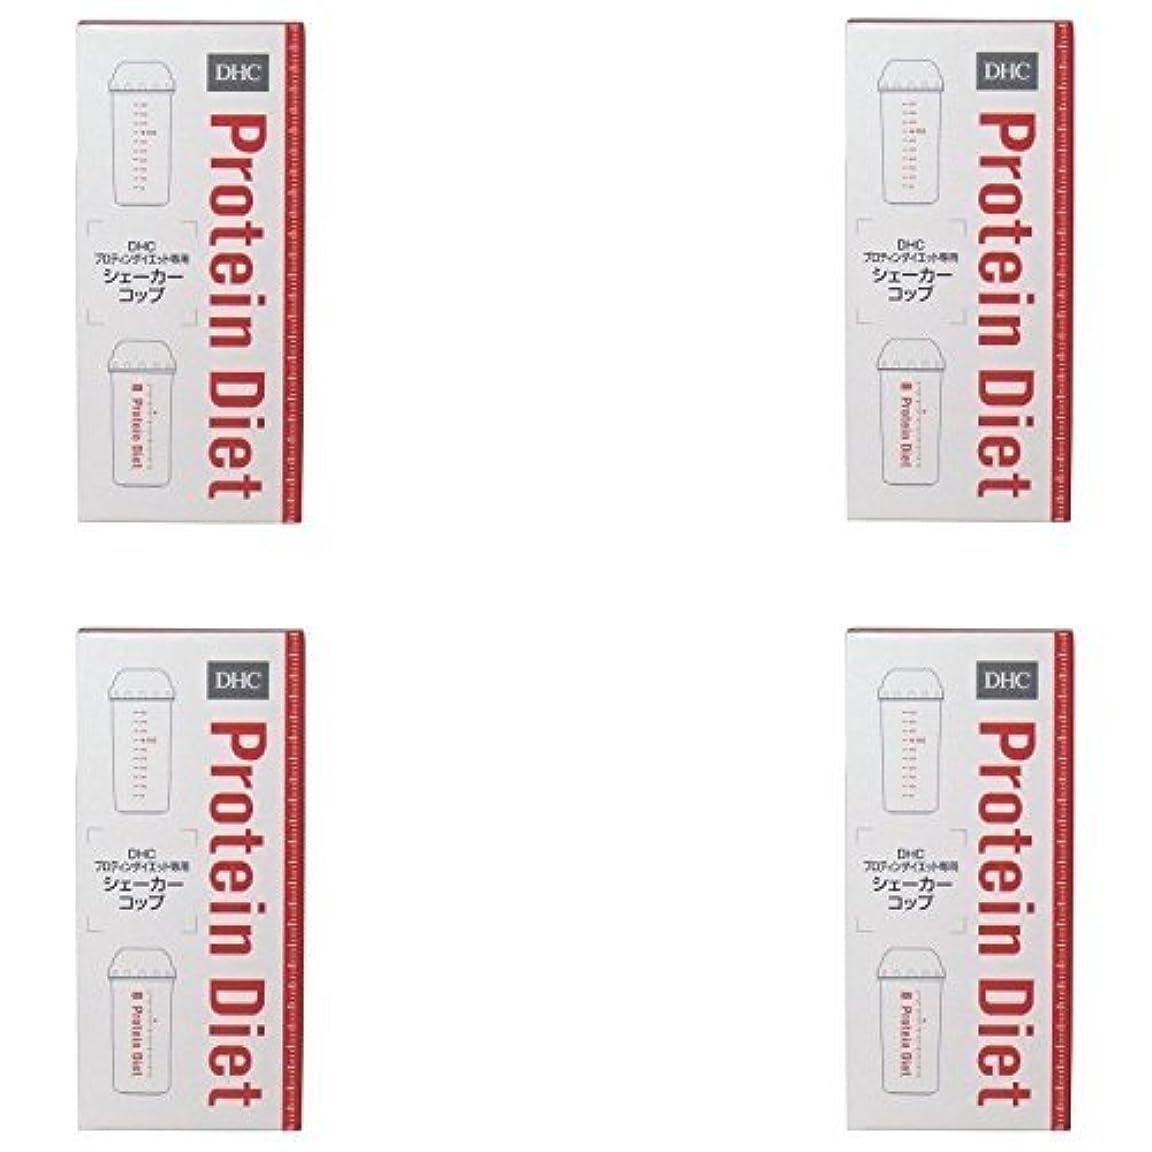 同一の検出するスプレー【まとめ買い】DHC プロティンダイエット専用シェーカーコップ 1個【×4セット】